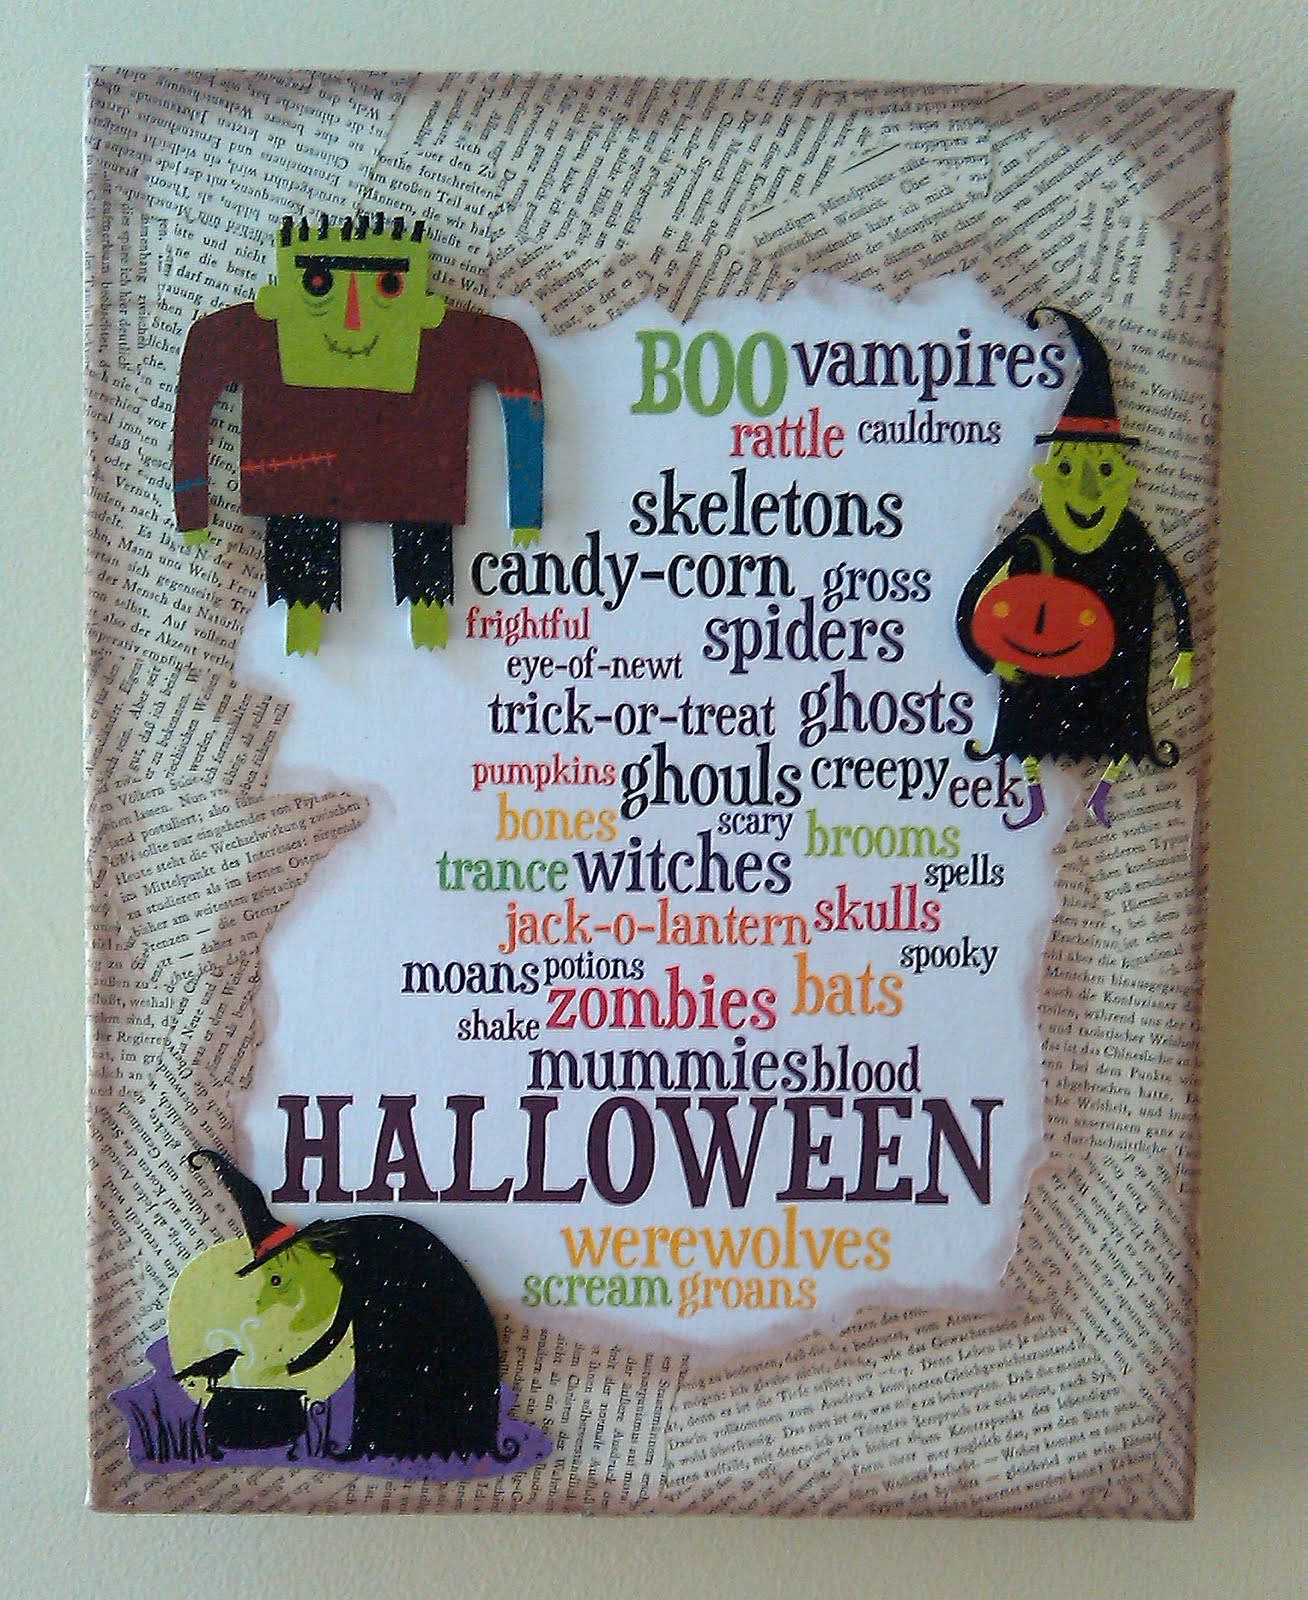 http://i0.wp.com/1.bp.blogspot.com/_VM_sXapgq6I/TJ9NKf6ue5I/AAAAAAAADOE/cAYWDGGvRUU/s1600/Halloween+Wordle+Art+copy.jpg?resize=456%2C559